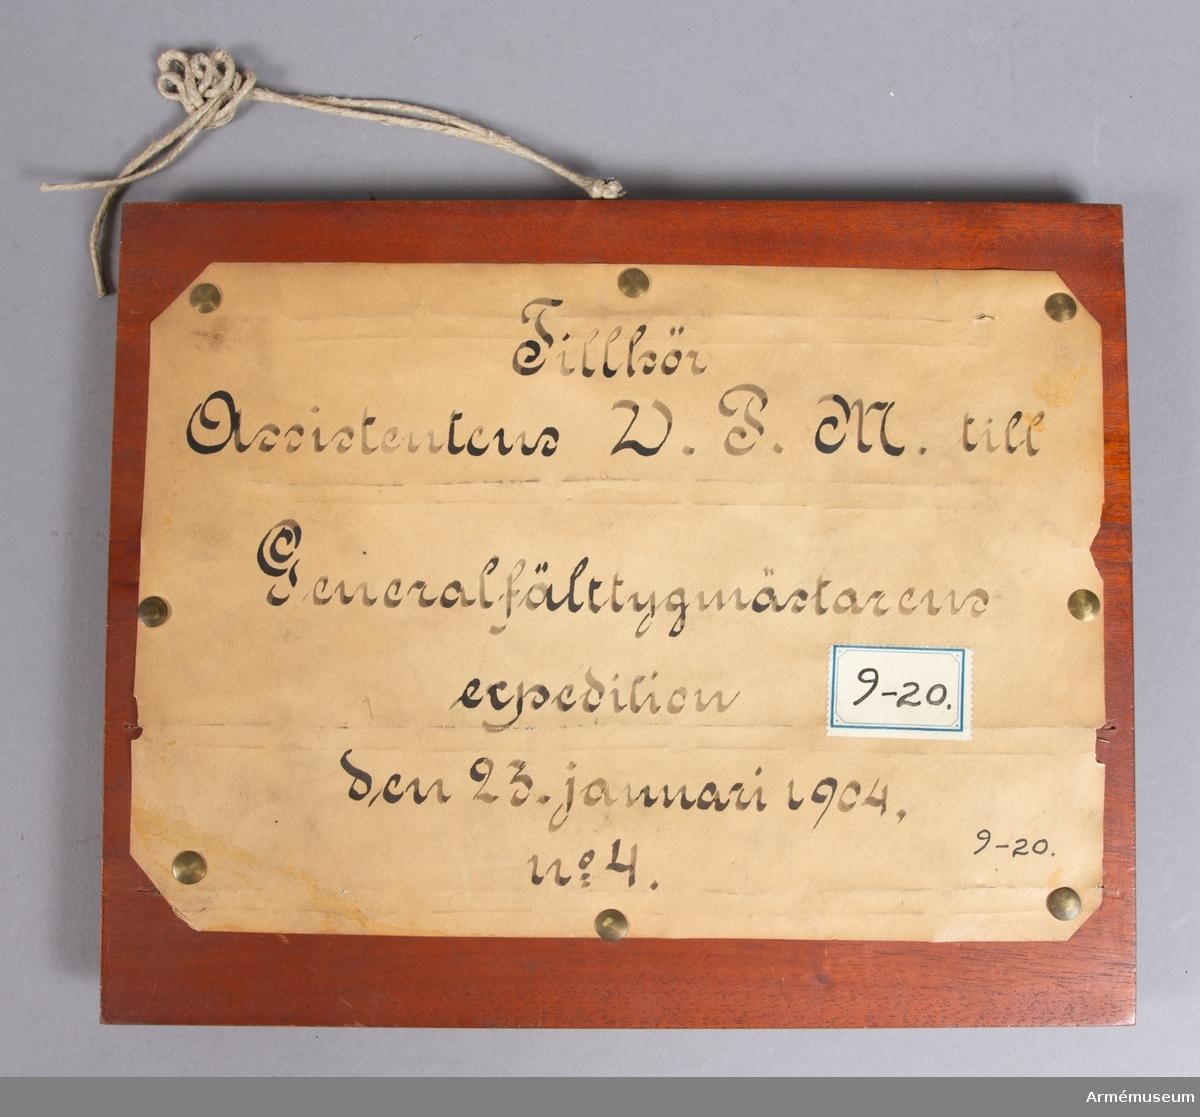 Grupp E V. Mont. på skiva märkt Ass. W.P.M. t Generalfälttygm. exp 1904. Nr 8.